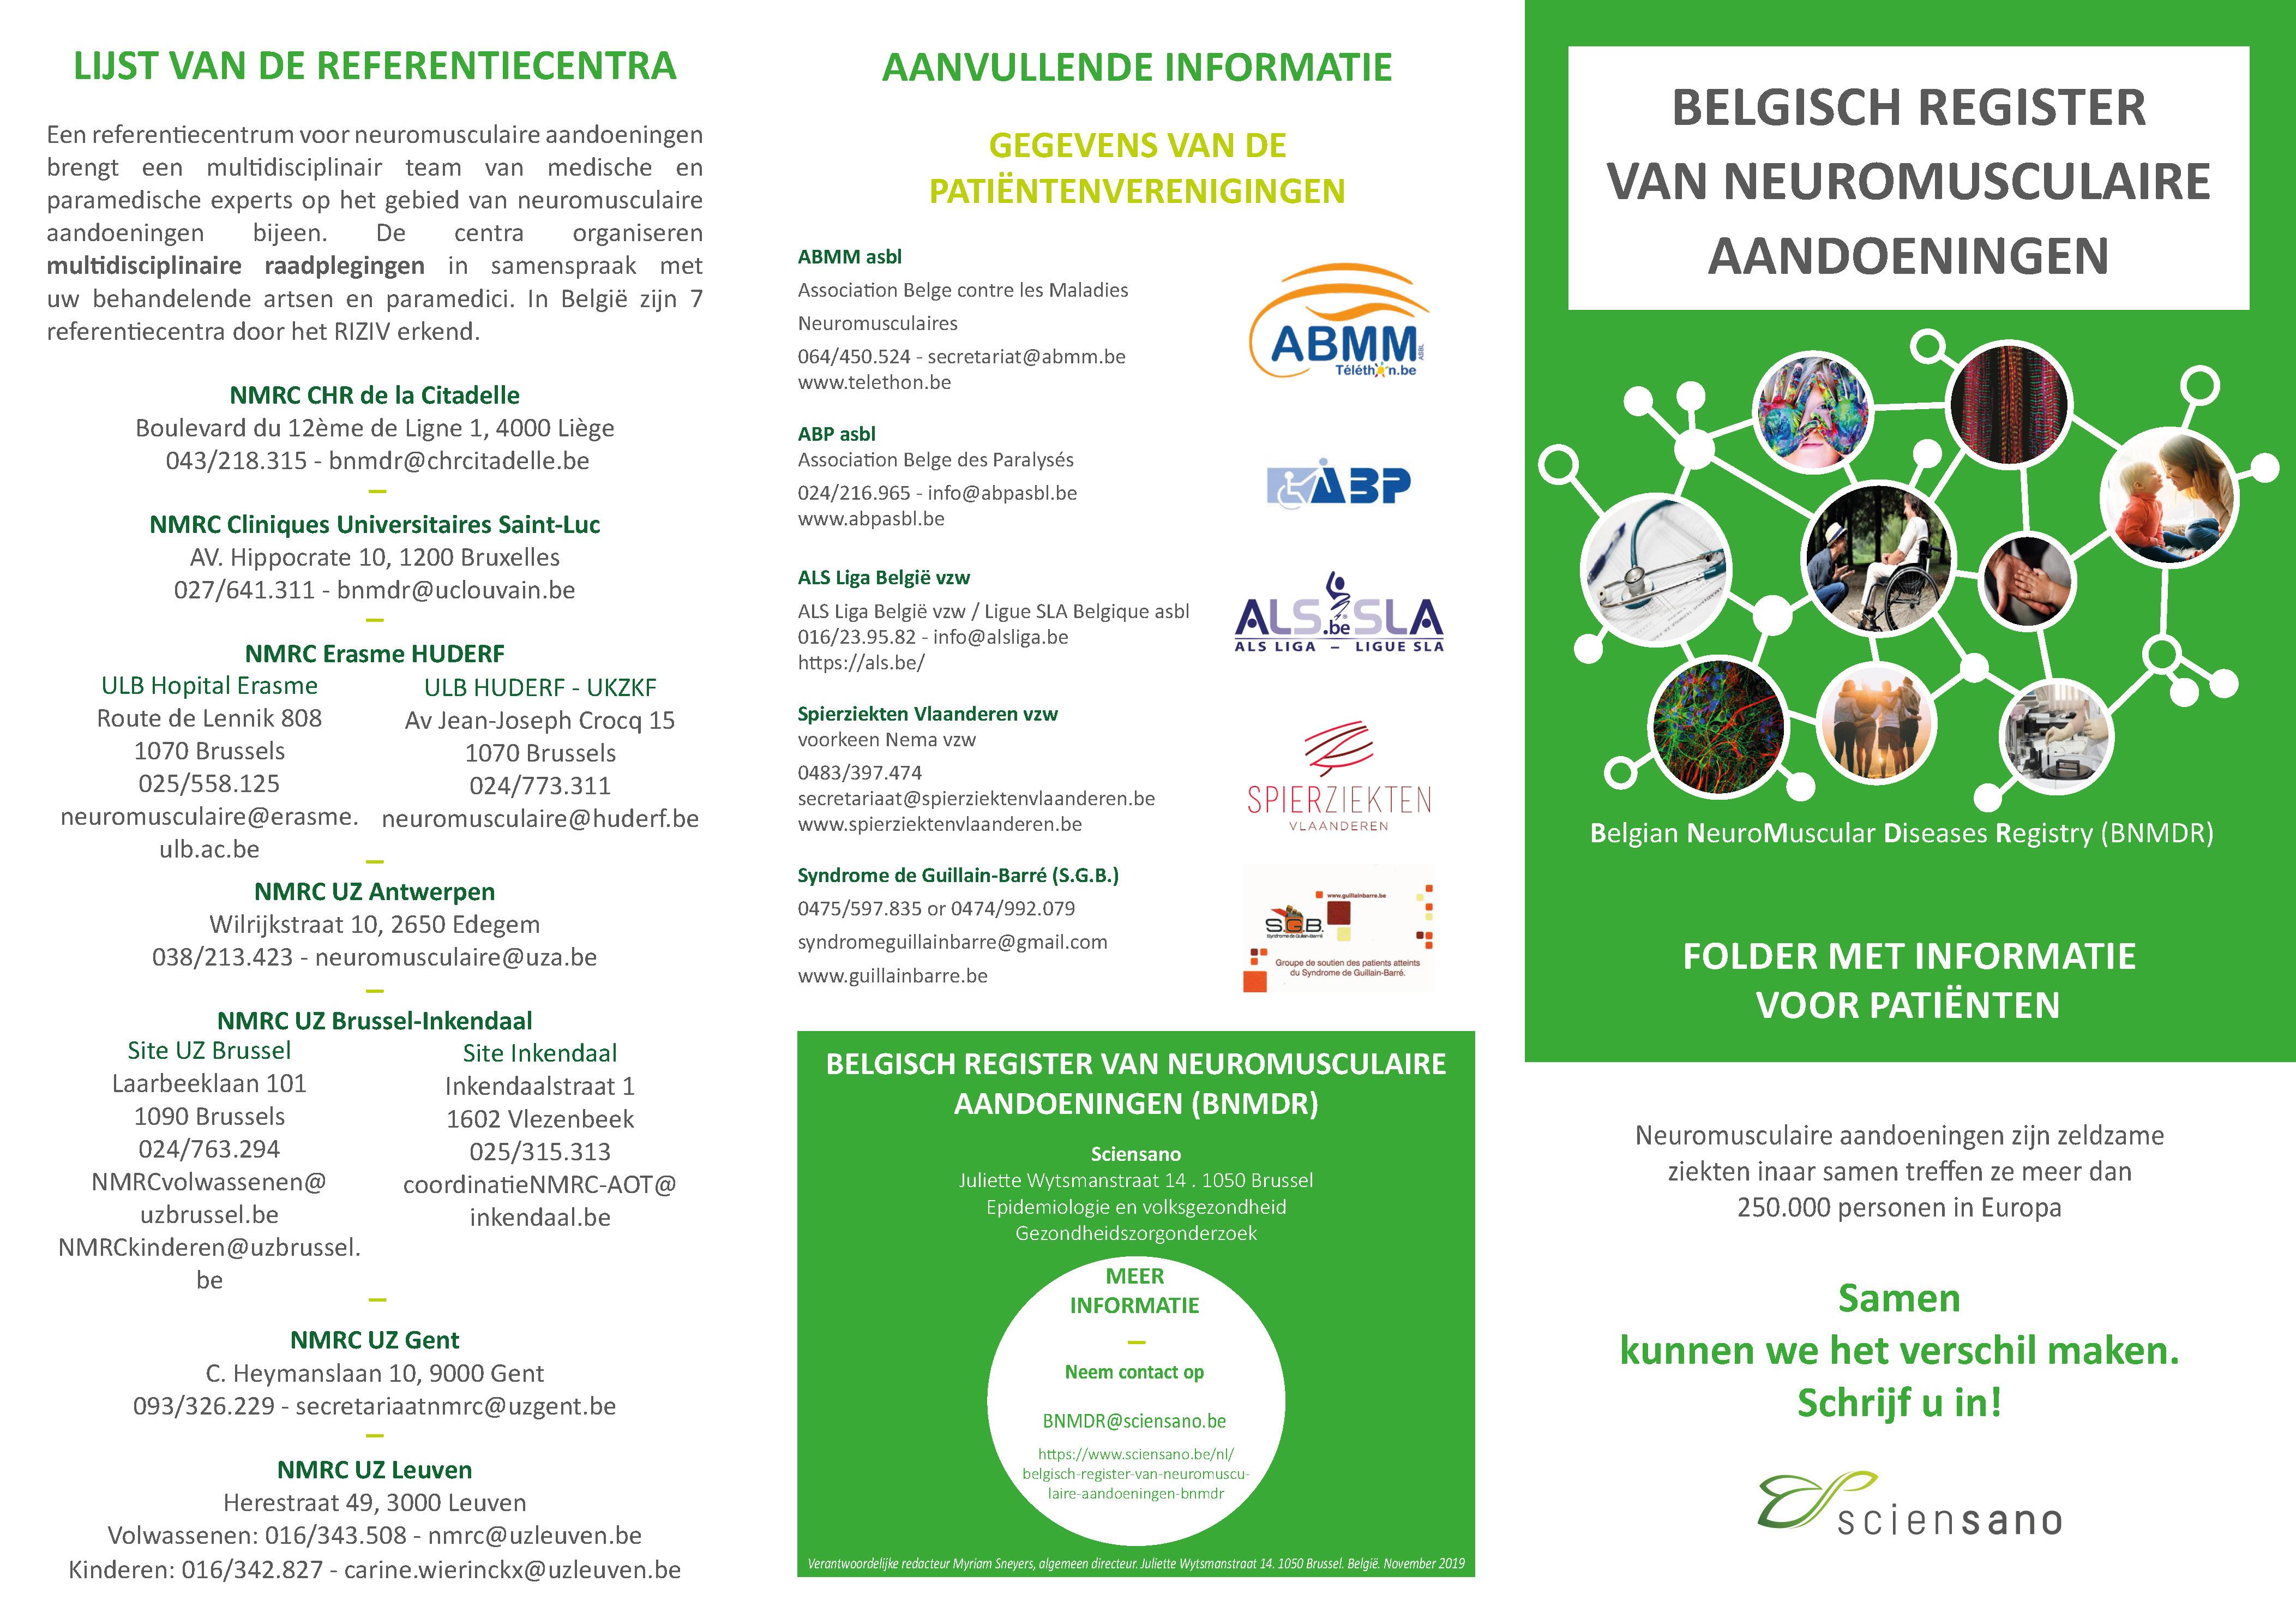 BNMDR_BELGISCH-REGISTER-VAN-NEUROMUSCULAIRE-AANDOENINGEN BNMDR